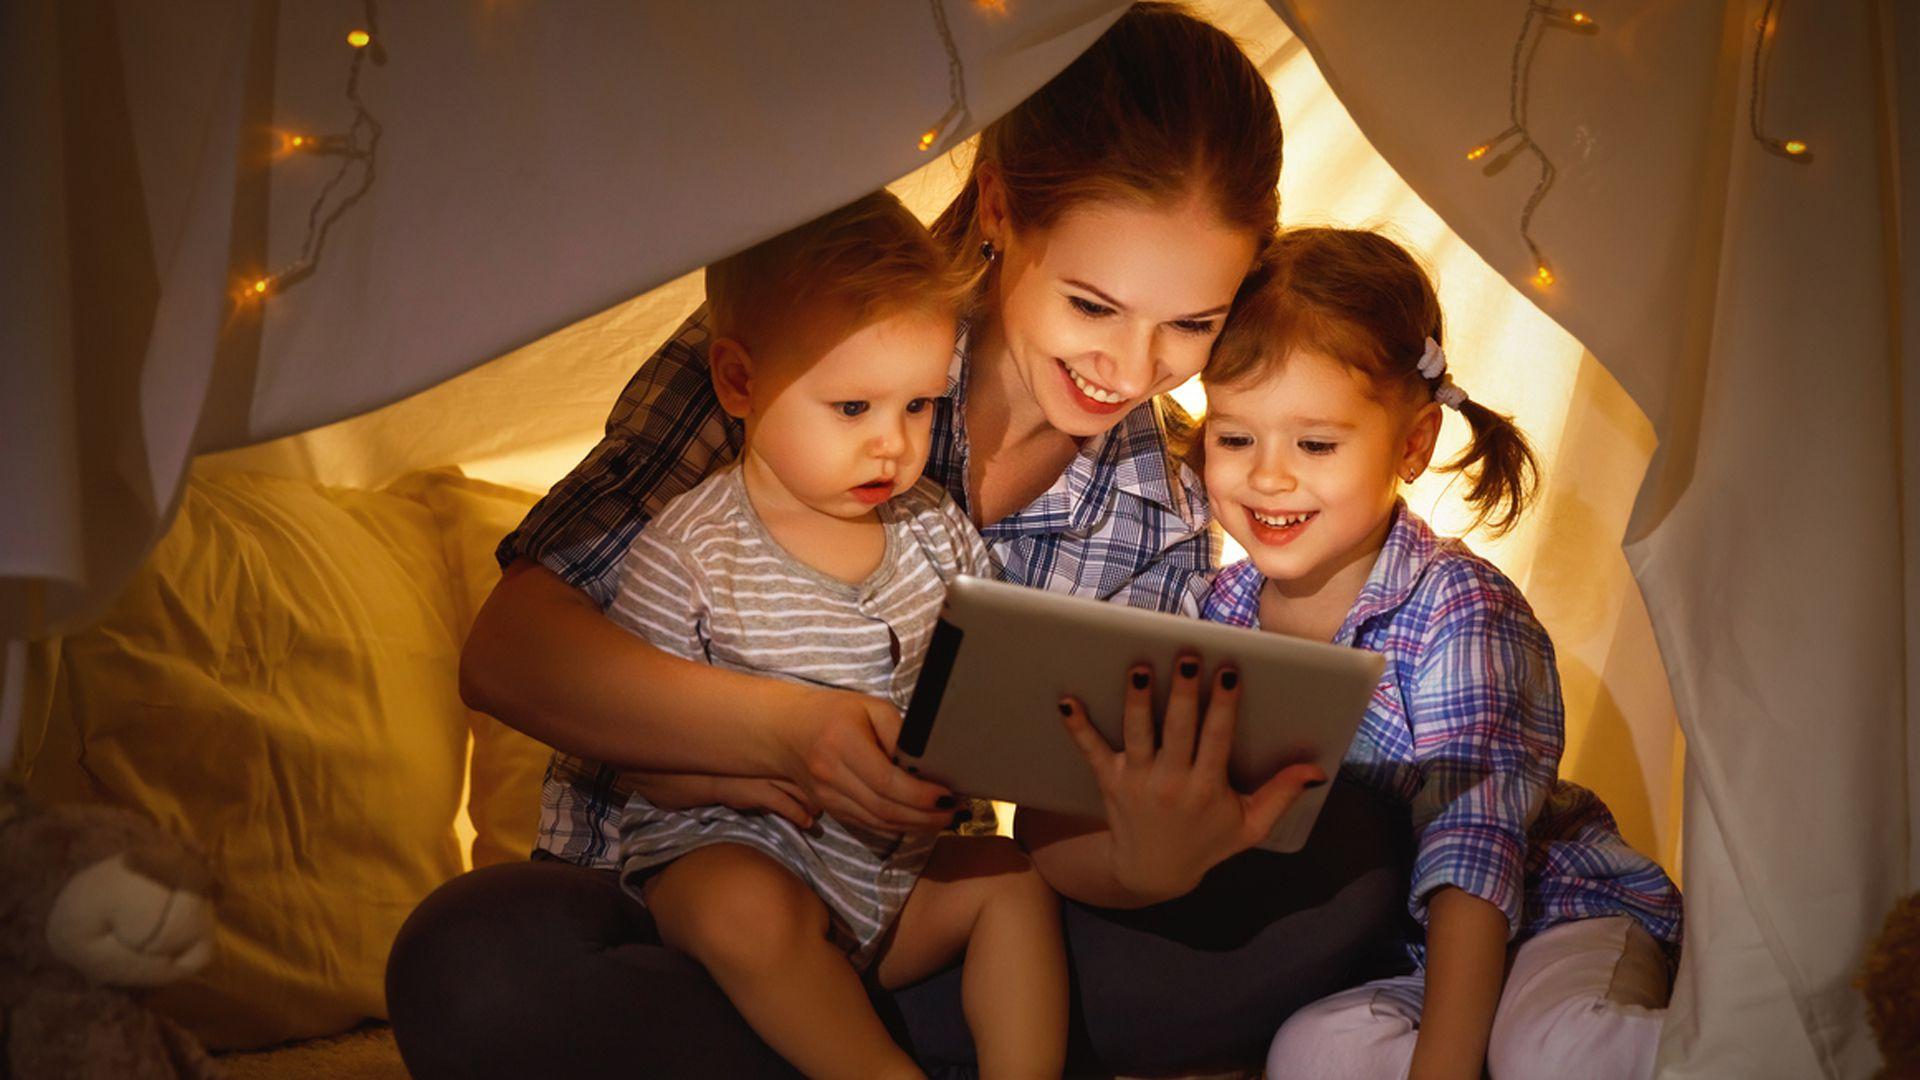 De una forma u otra, la participación de los adultos siempre es vital en el uso de tecnología .(Archivo)